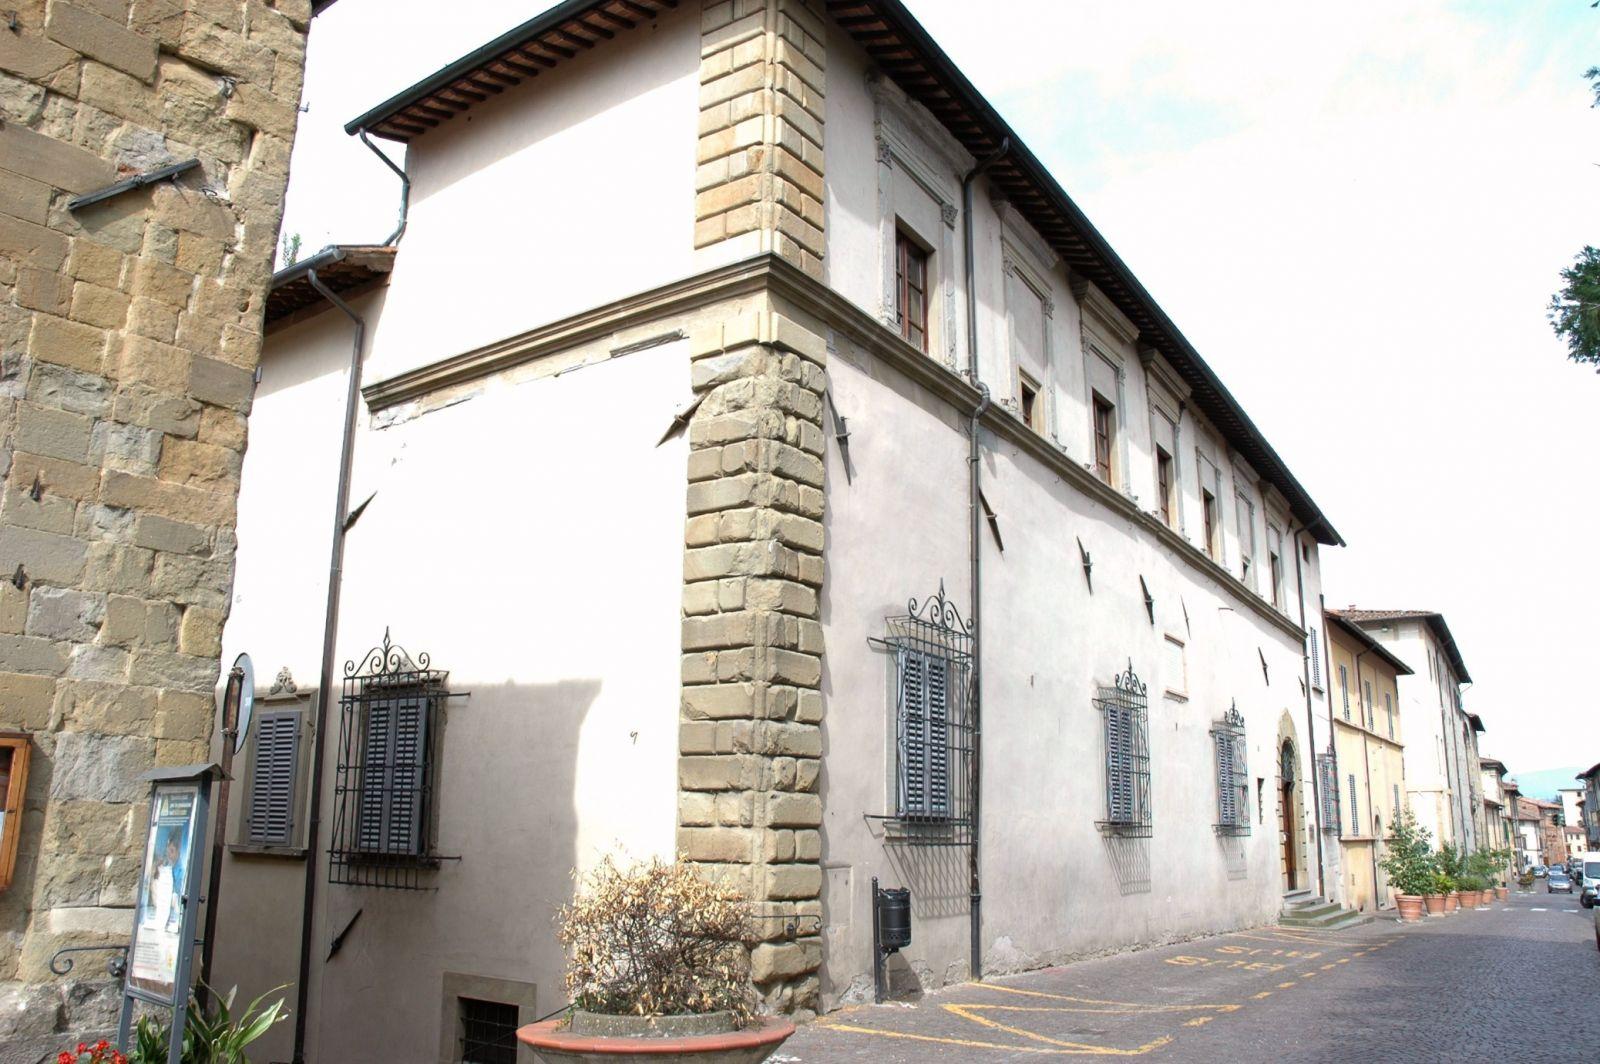 Piero della francesca 39 s house terre di piero della francesca for Planimetrie della casa di piantagione